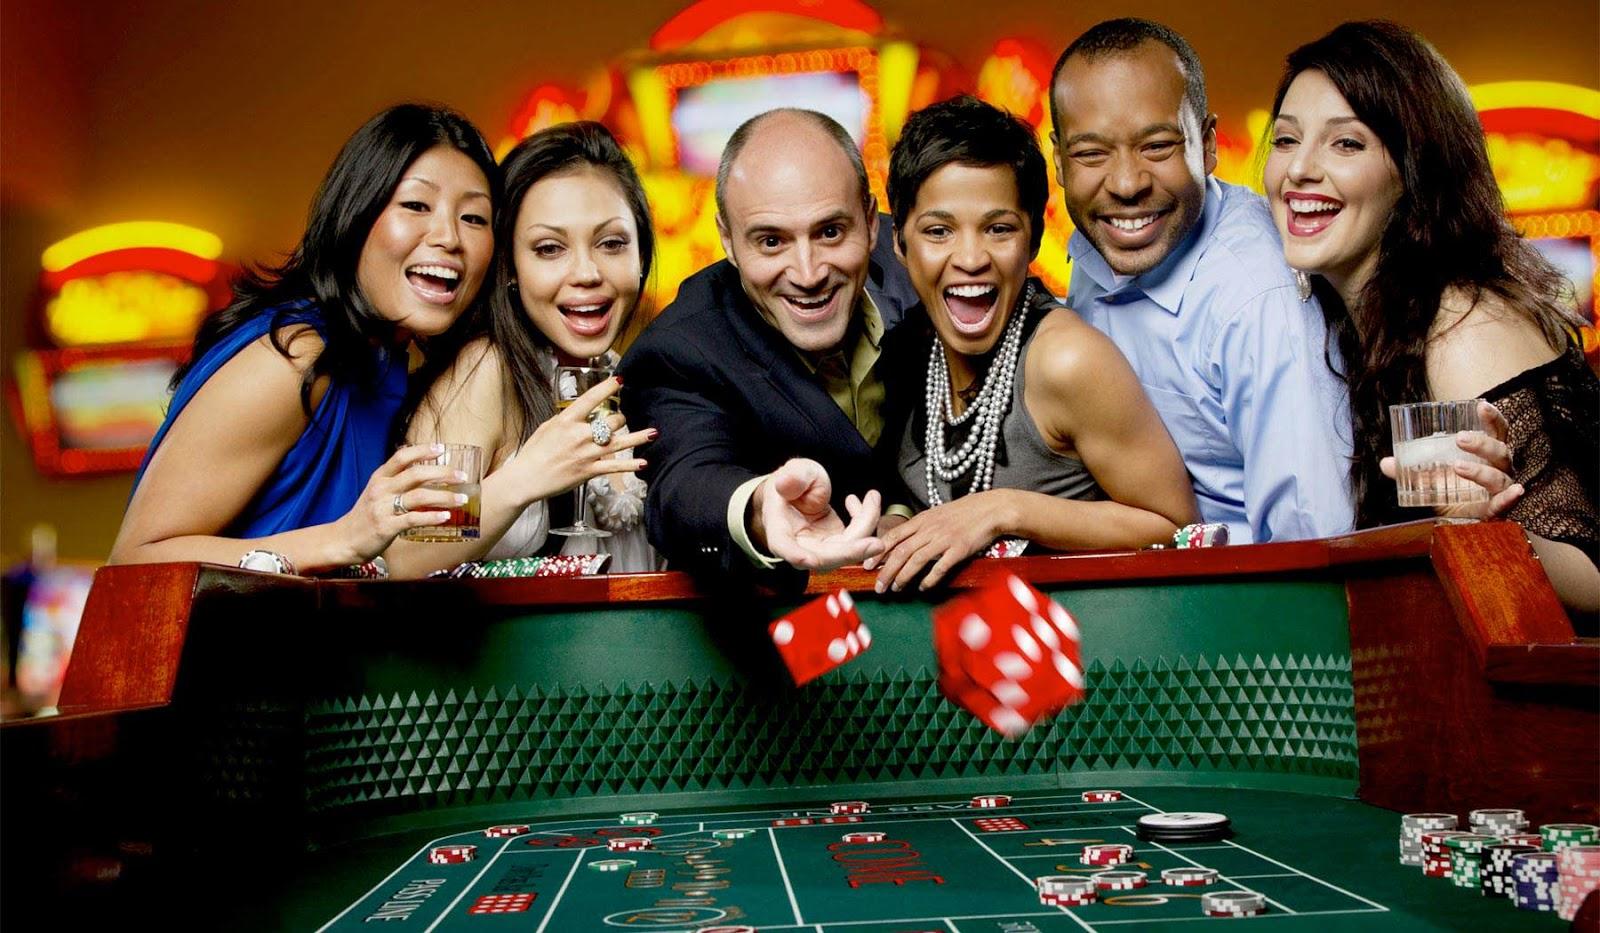 Бесплатные халявные бонусы заработки в казино карты варкрафт 3 фрозен трон играть